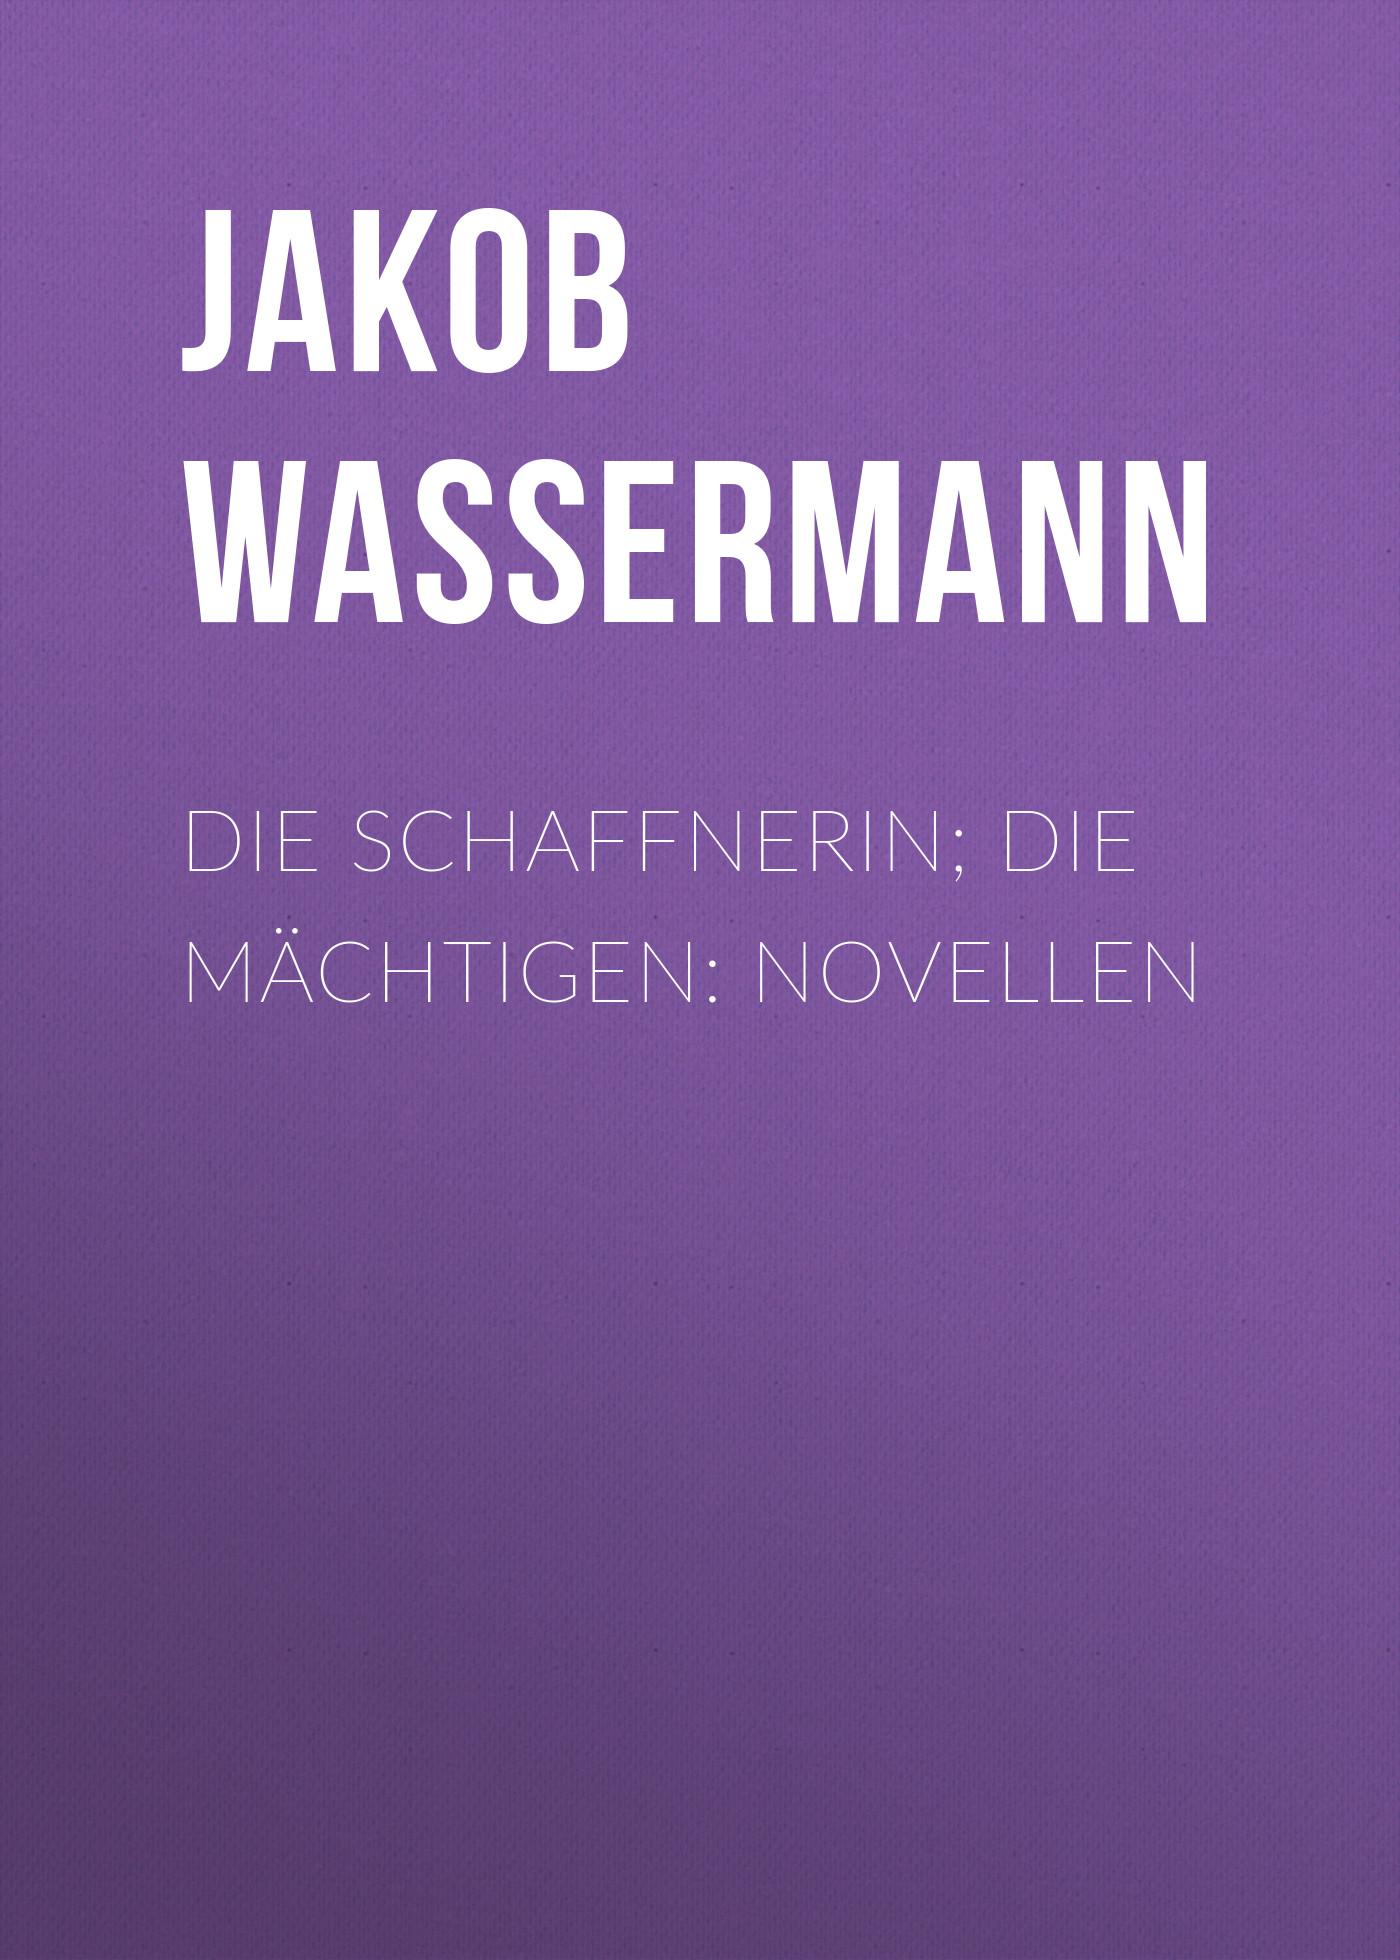 Jakob Wassermann Die Schaffnerin; Die Mächtigen: Novellen stendhal römerinnen zwei novellen